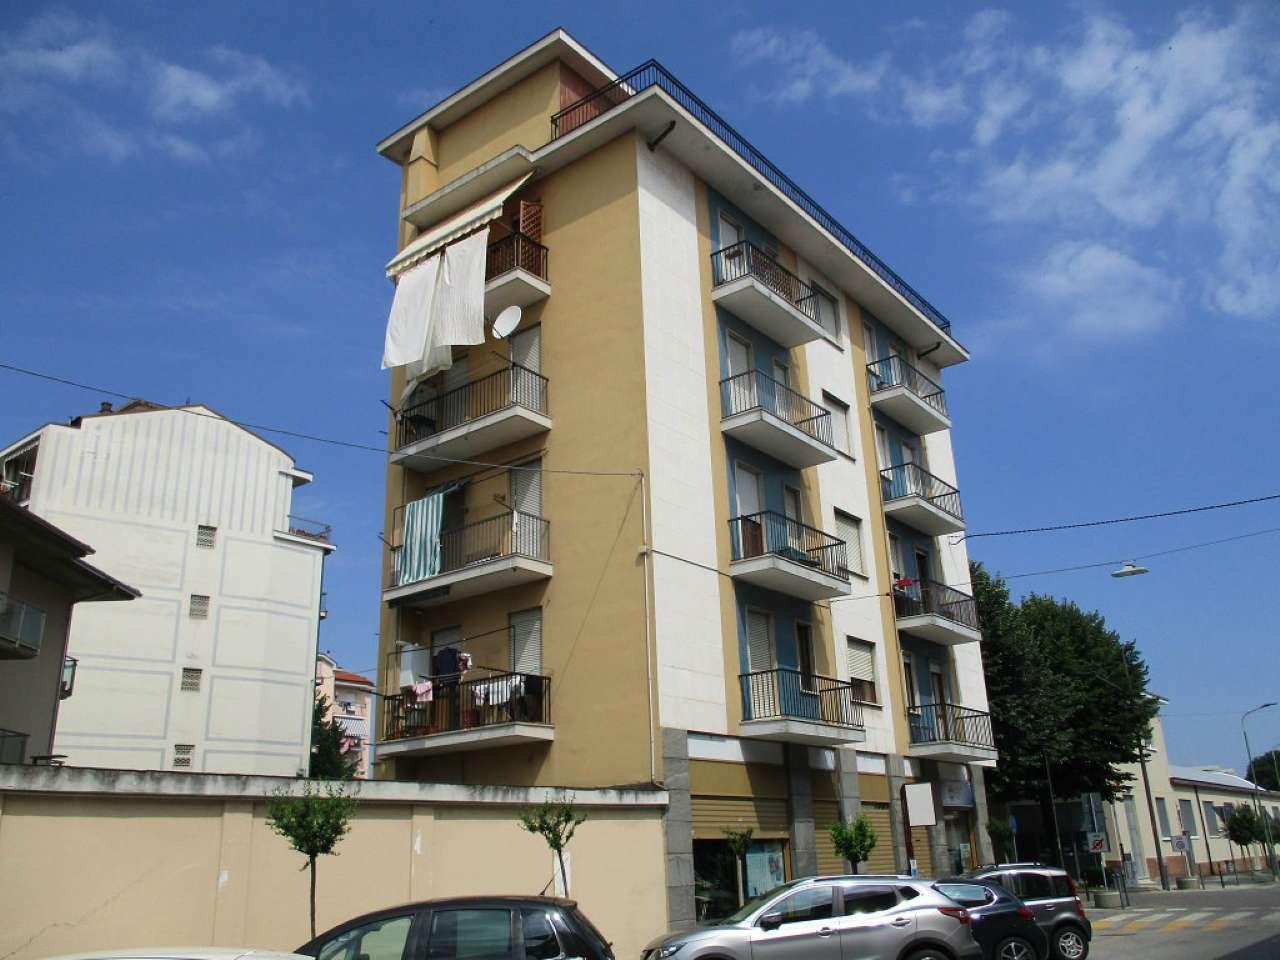 Appartamento in vendita a Savigliano, 3 locali, prezzo € 140.000 | CambioCasa.it